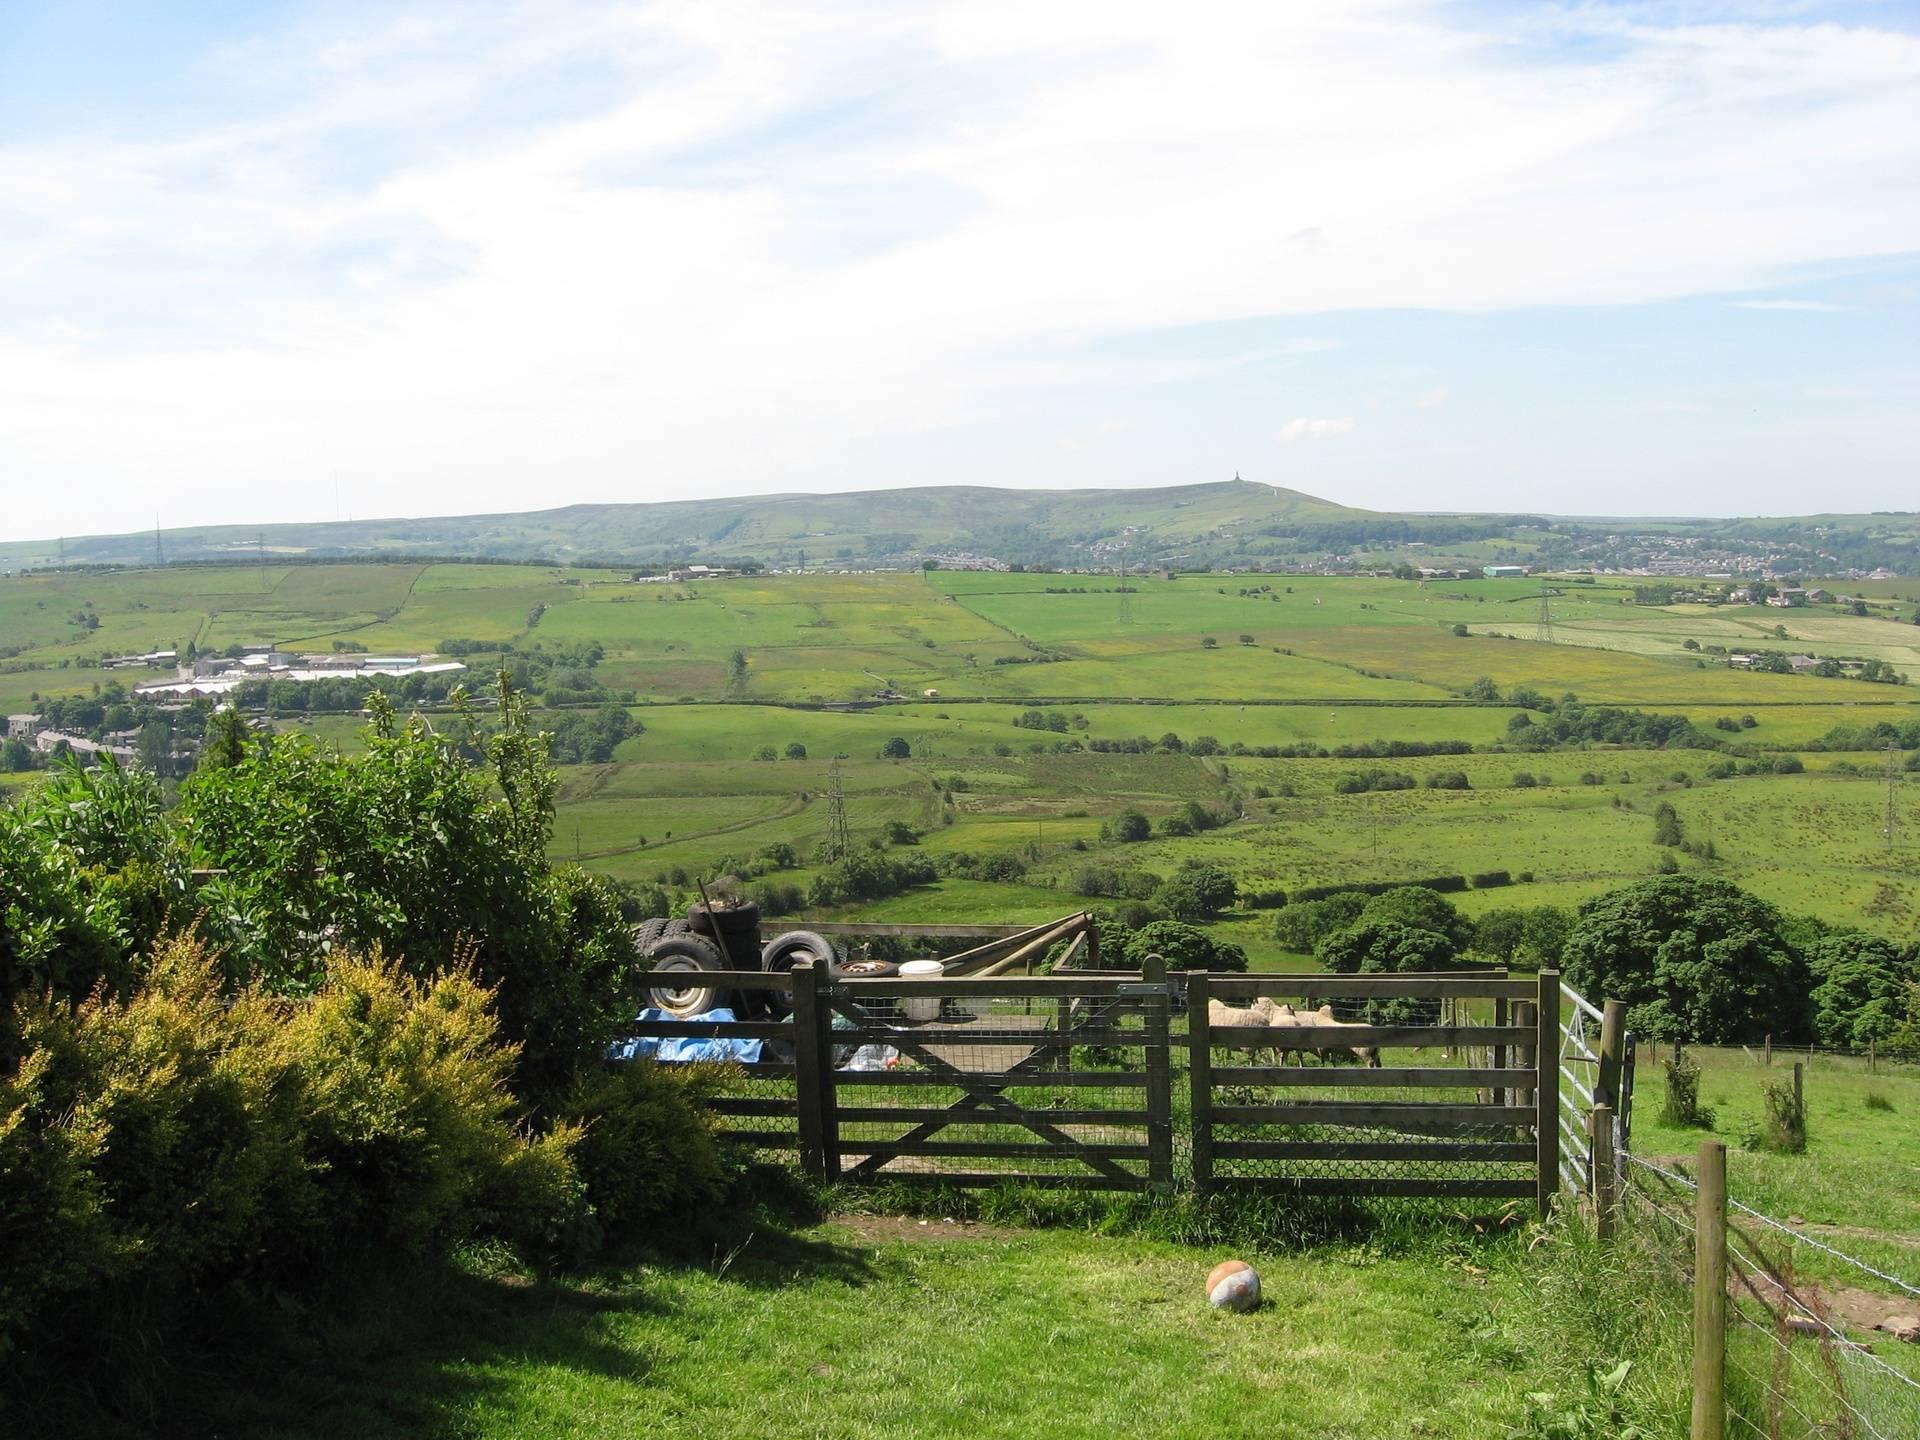 View towards Darwen